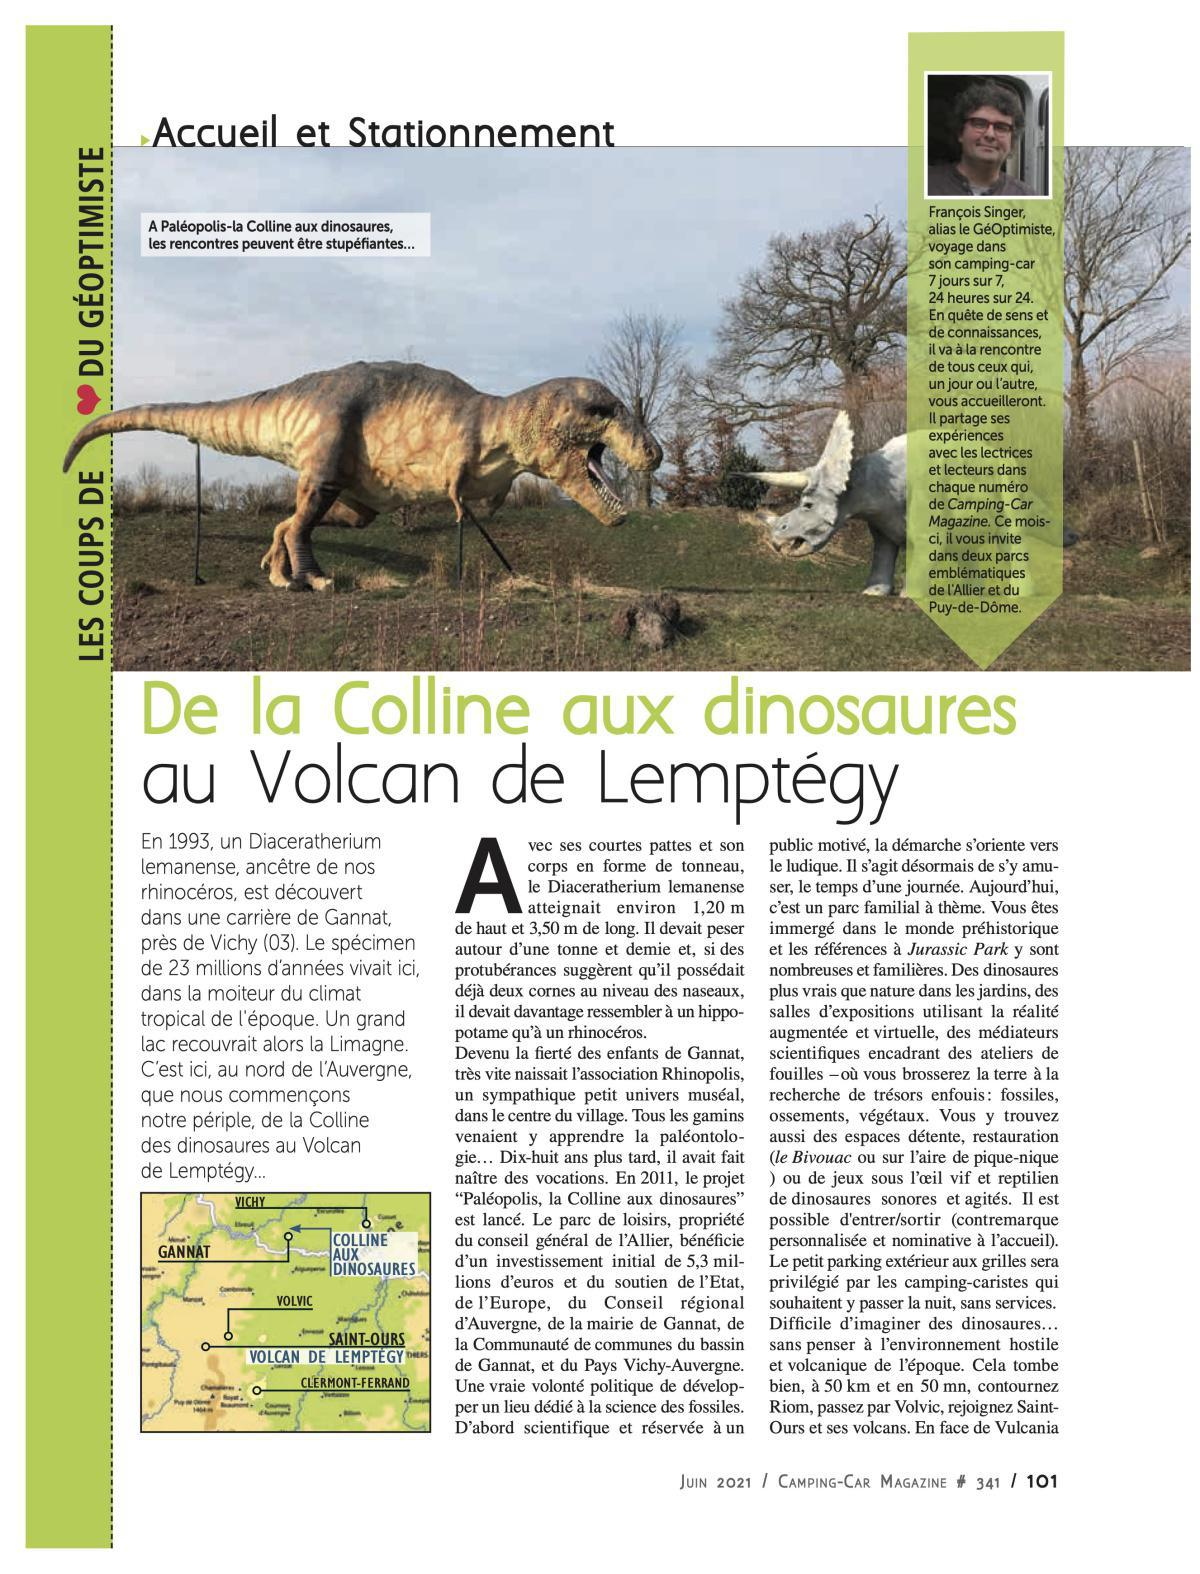 De Vichy à Clermont-Ferrand - CCM 341